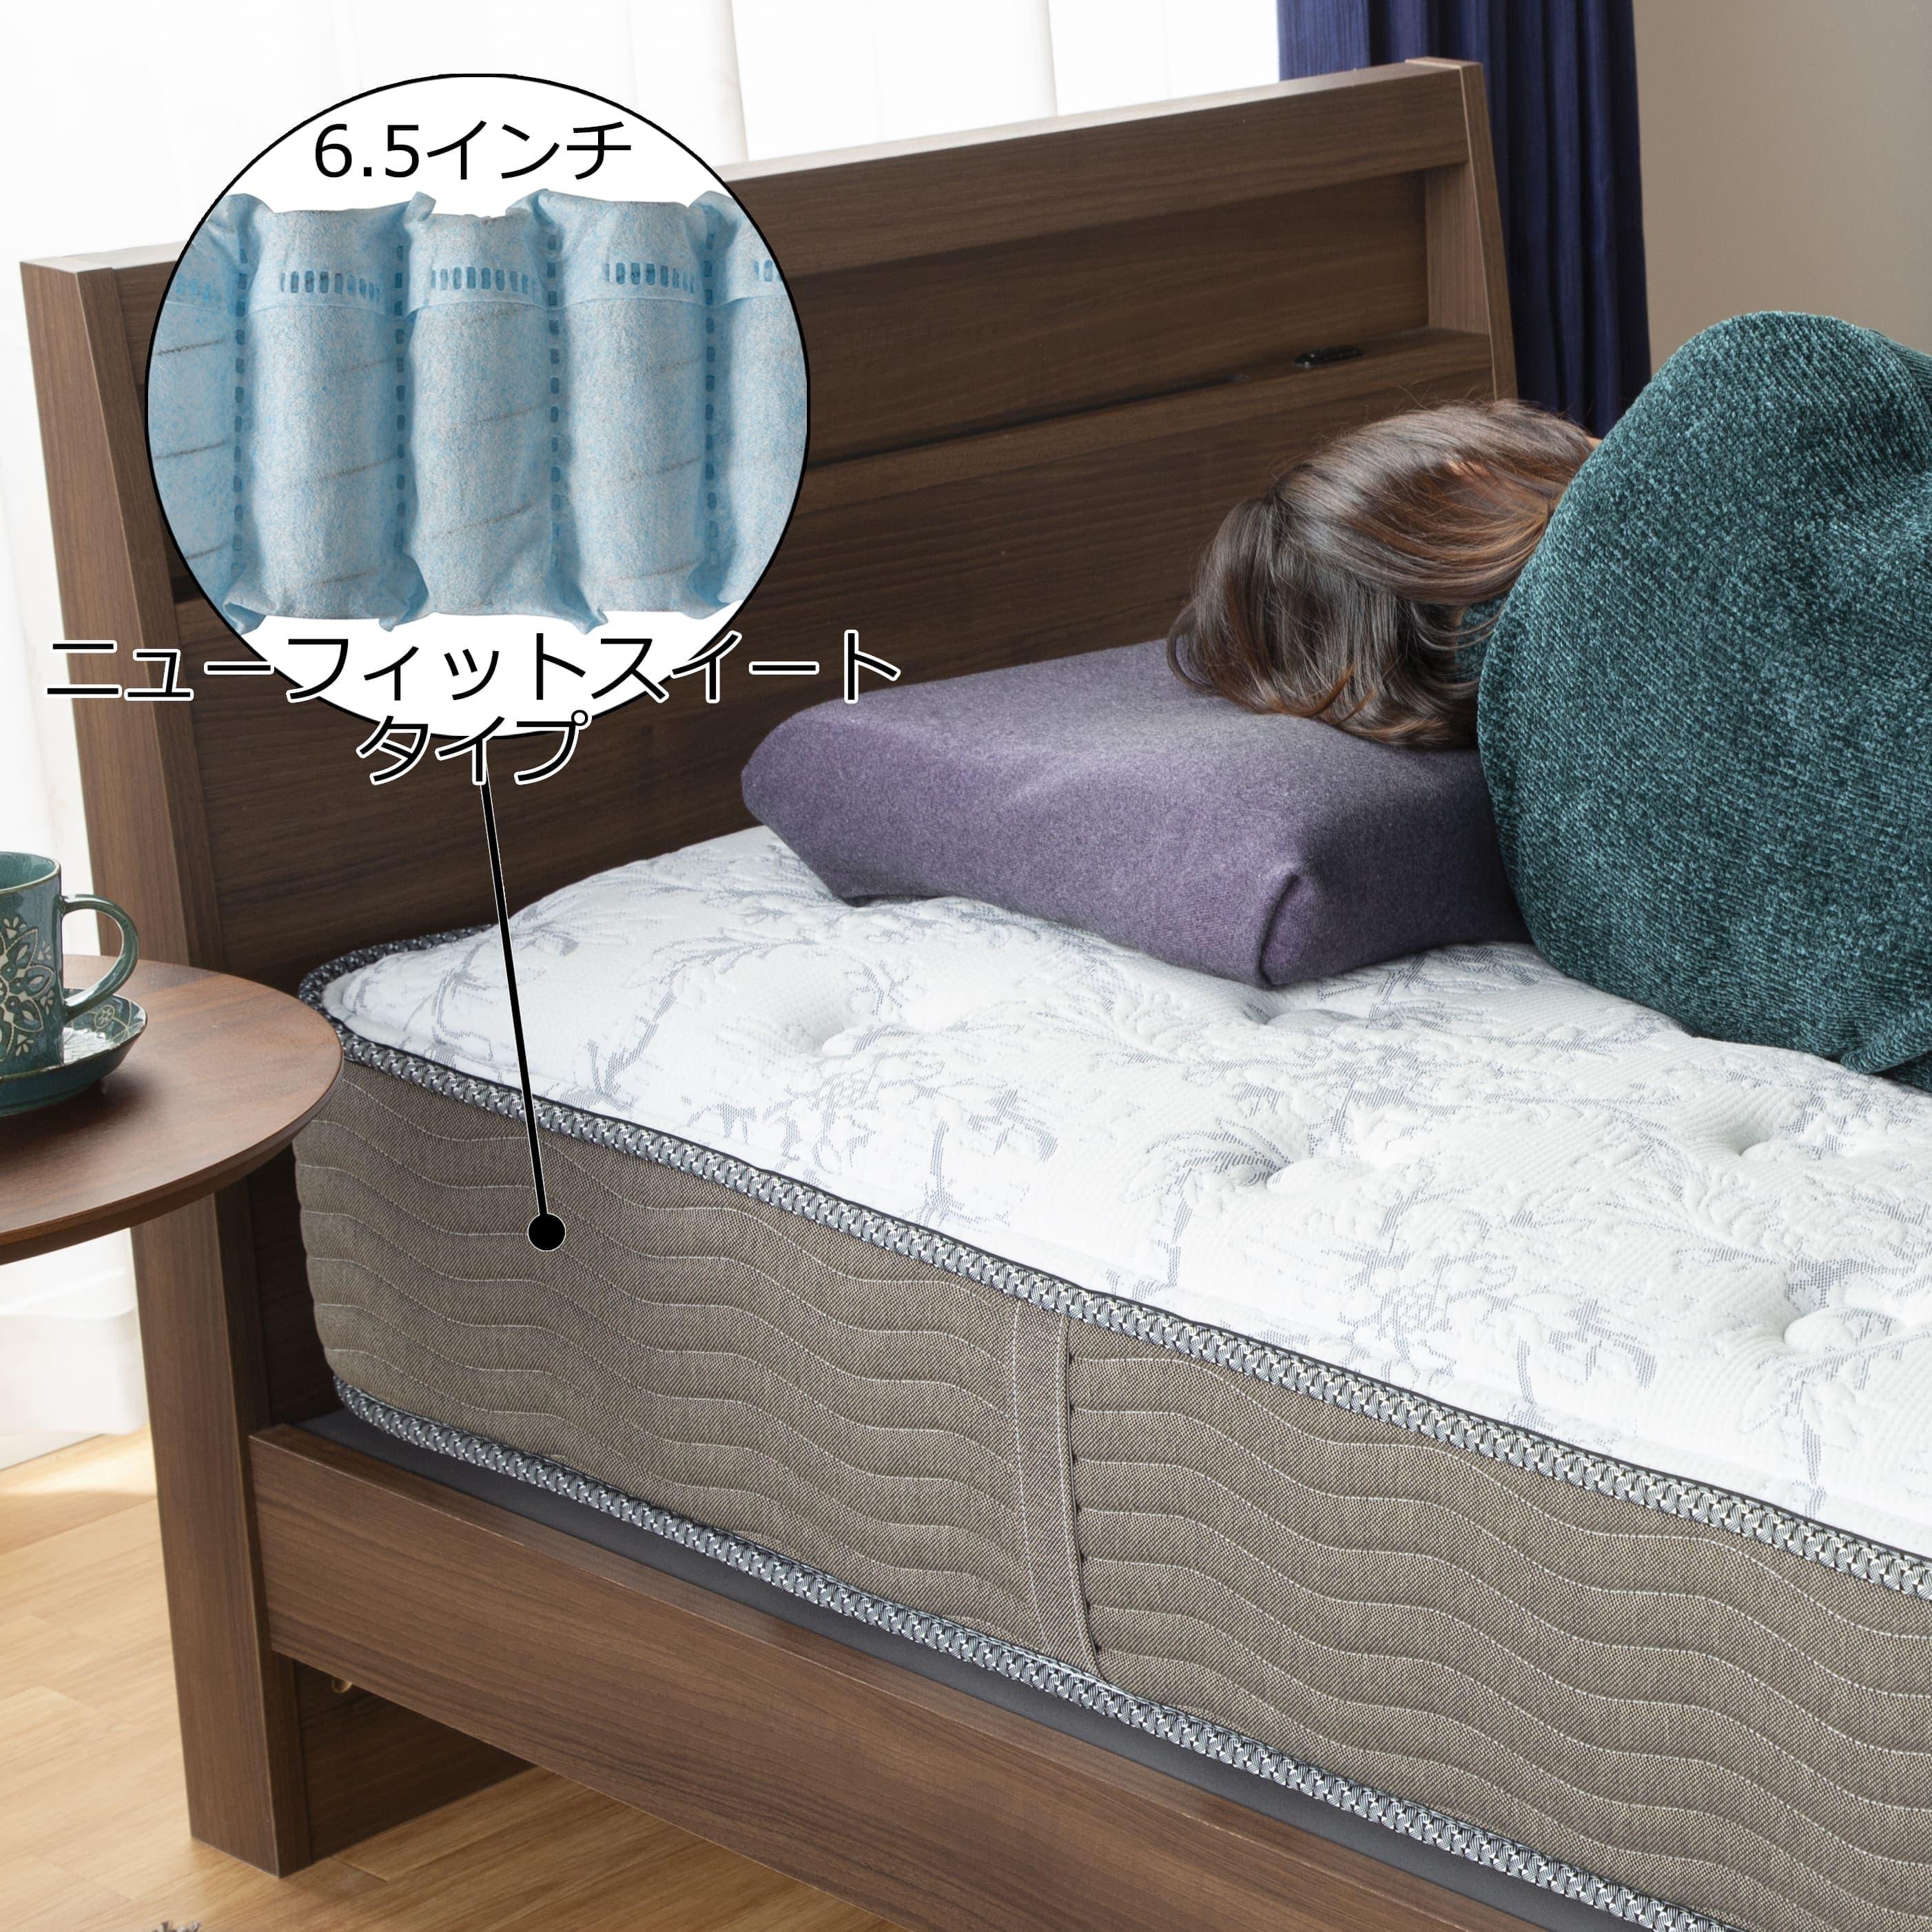 シモンズ 6.5インチNFスイートPRE AB15S08(シングルマットレス):ソフトな寝心地の、ニューフィットタイプ